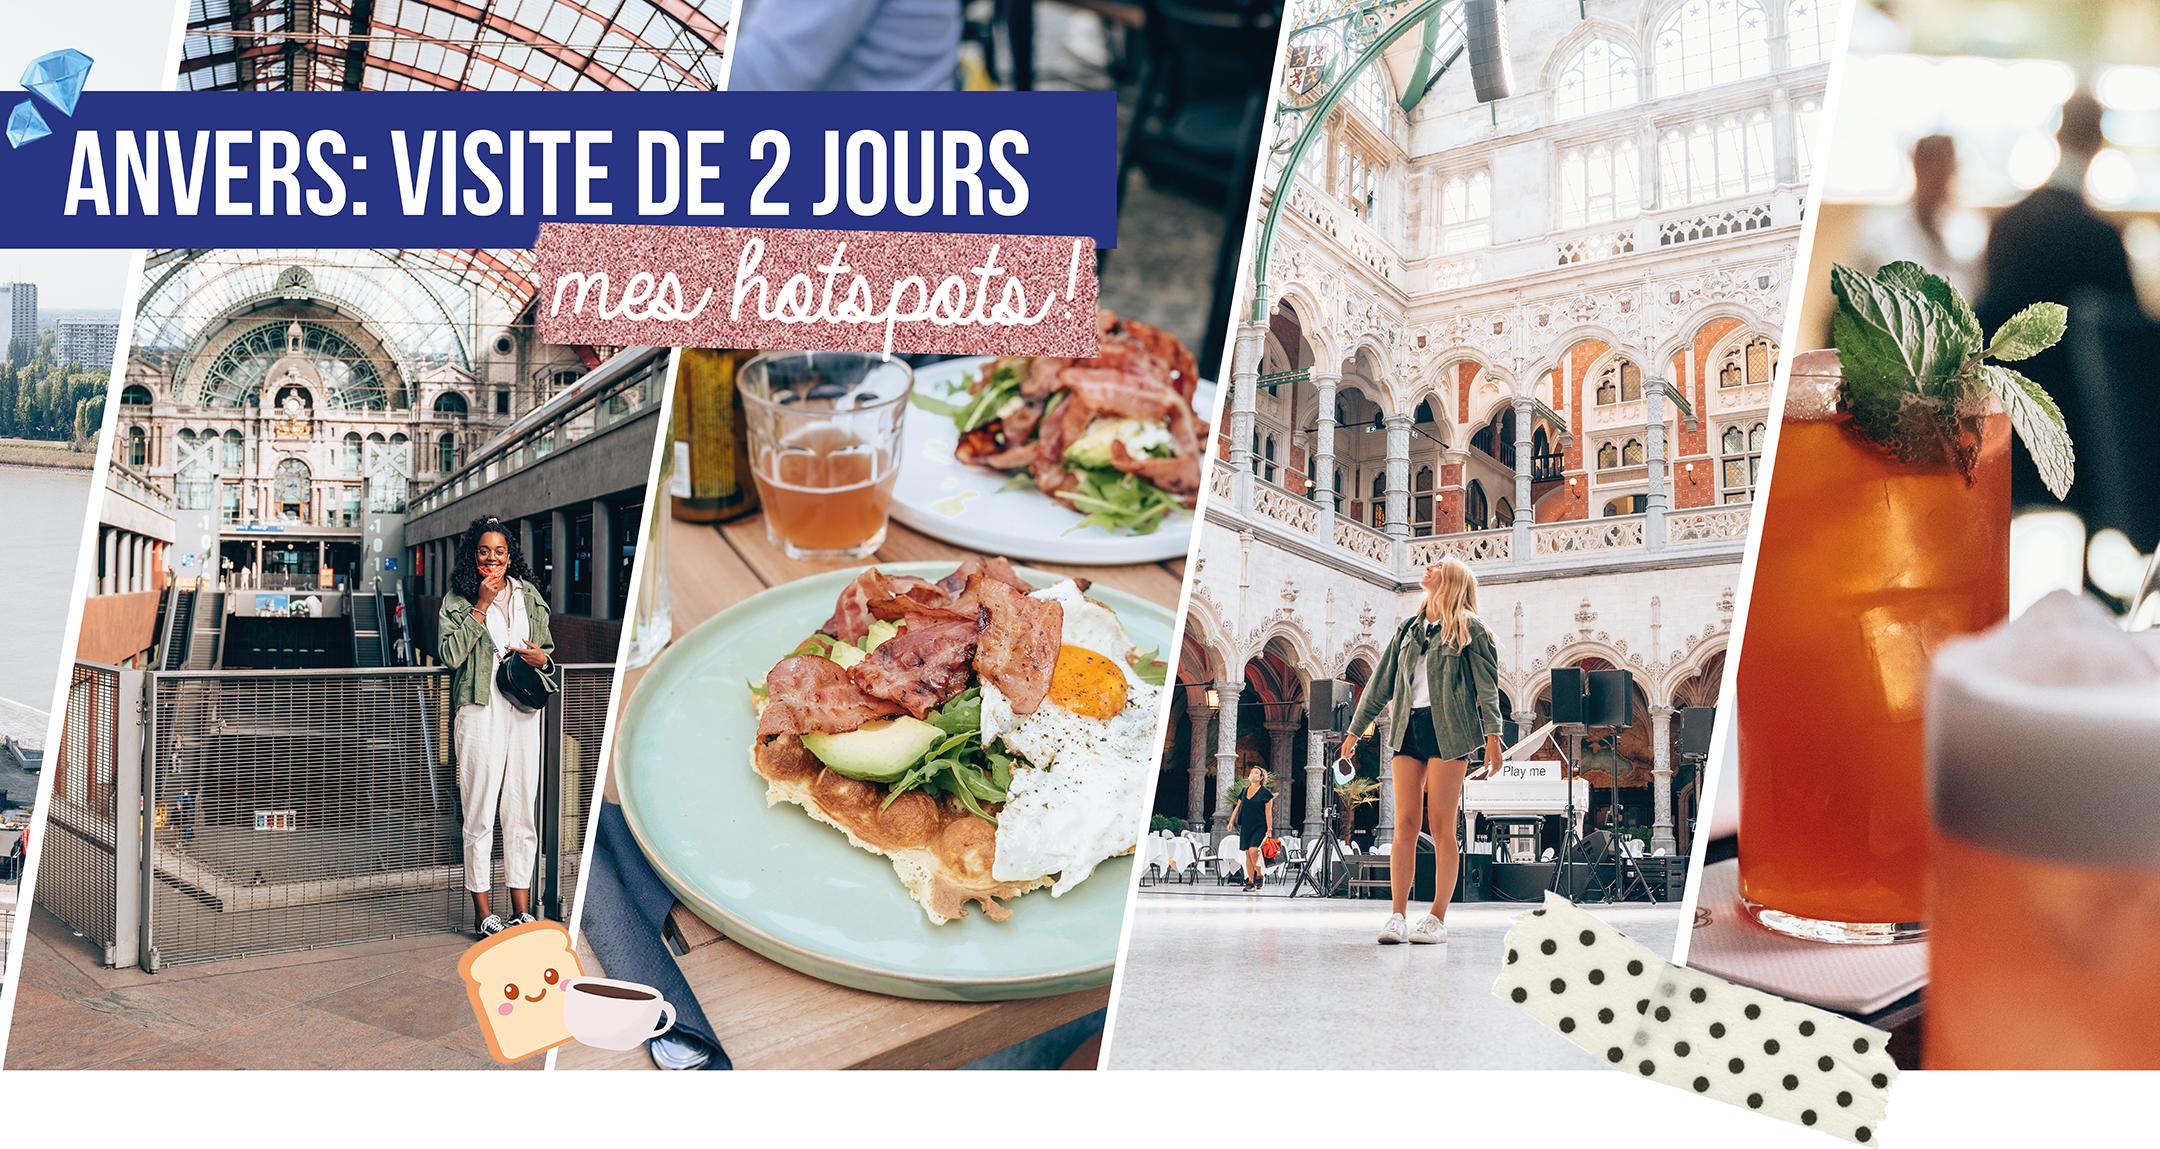 Anvers: visite de 2 jours - mes hotspots